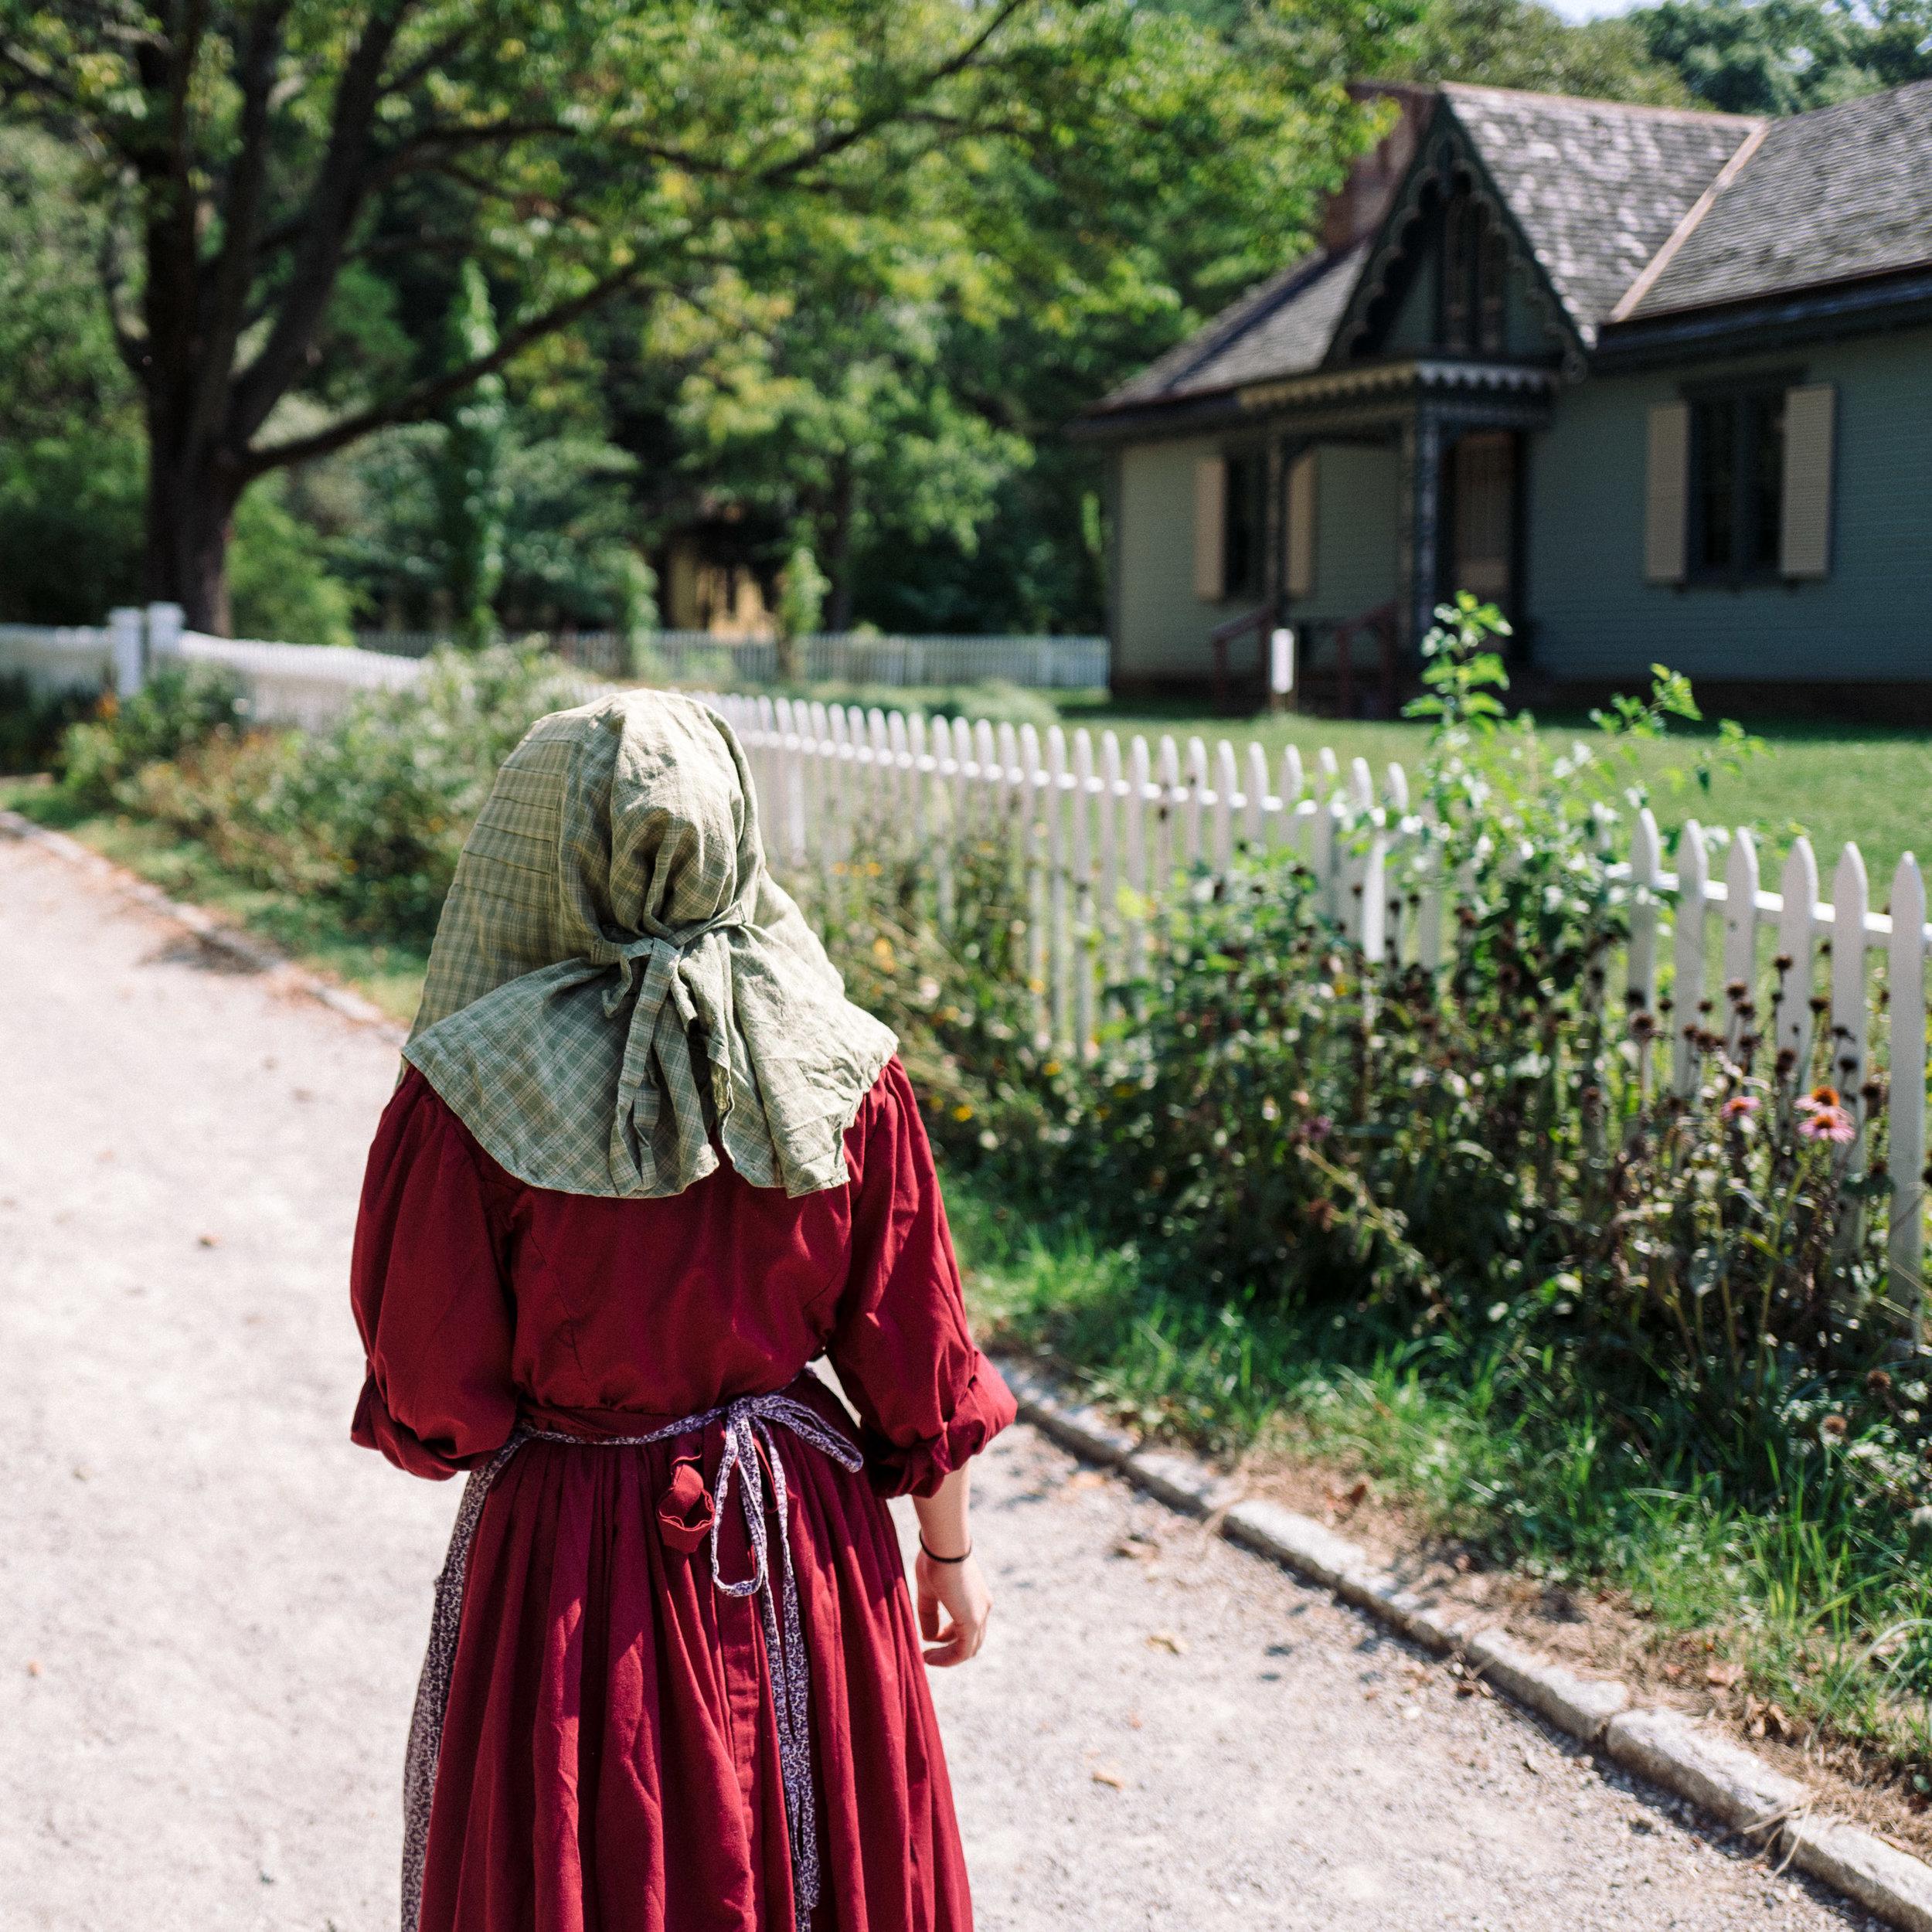 heritage-village-museum-1070405.jpg